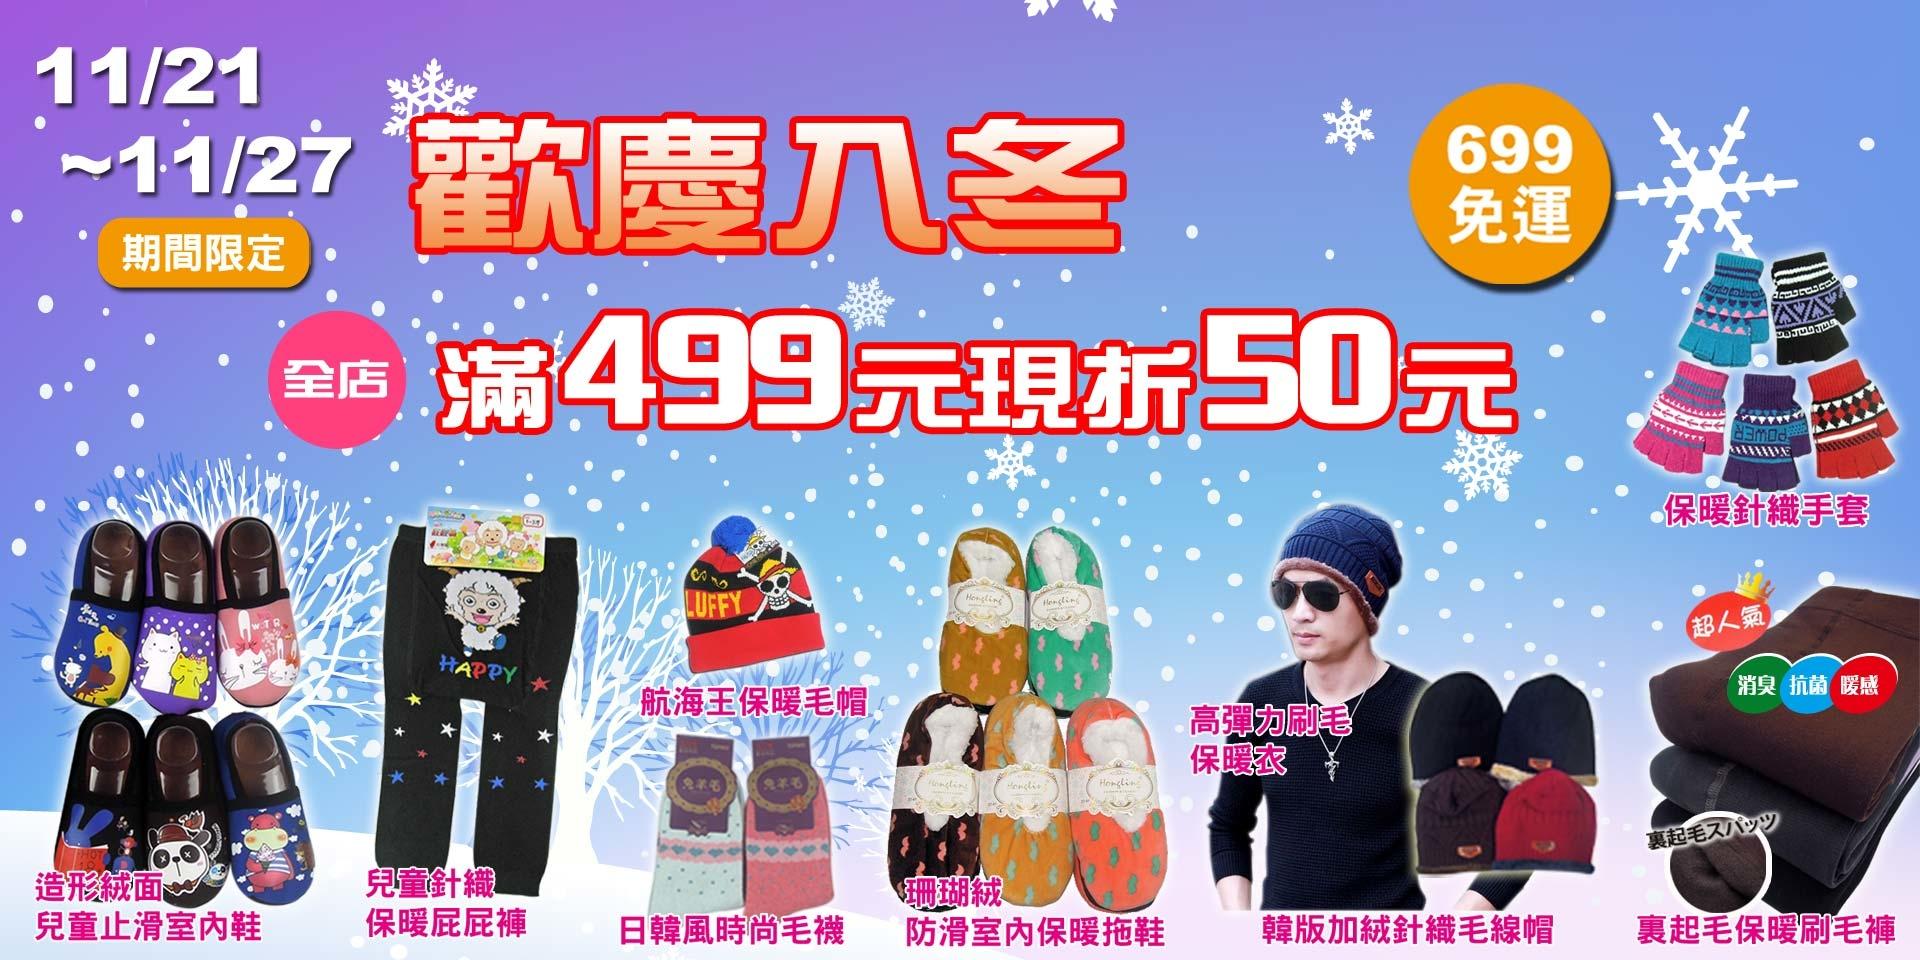 慶入冬~全店滿499現折50元!